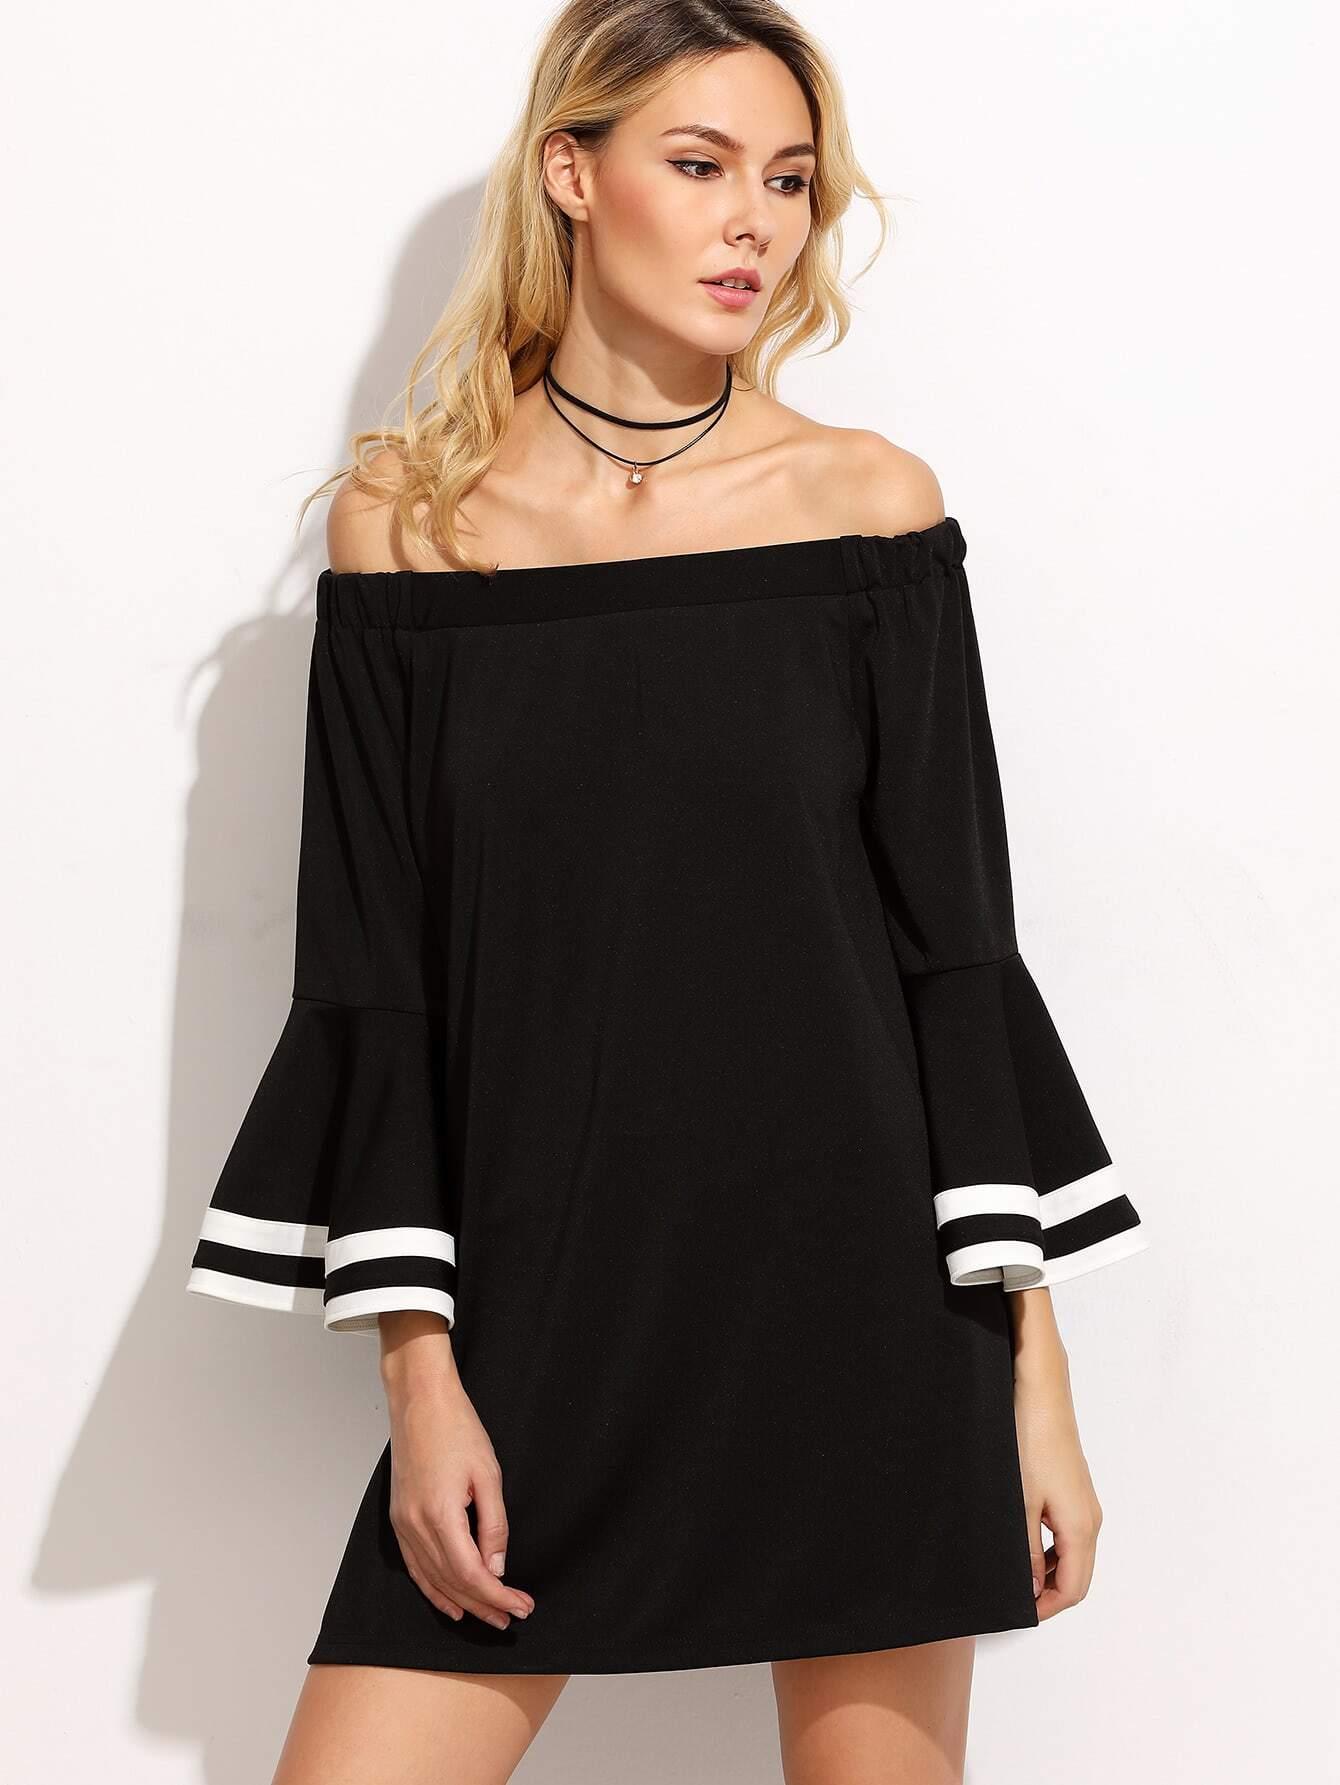 dress161005705_2